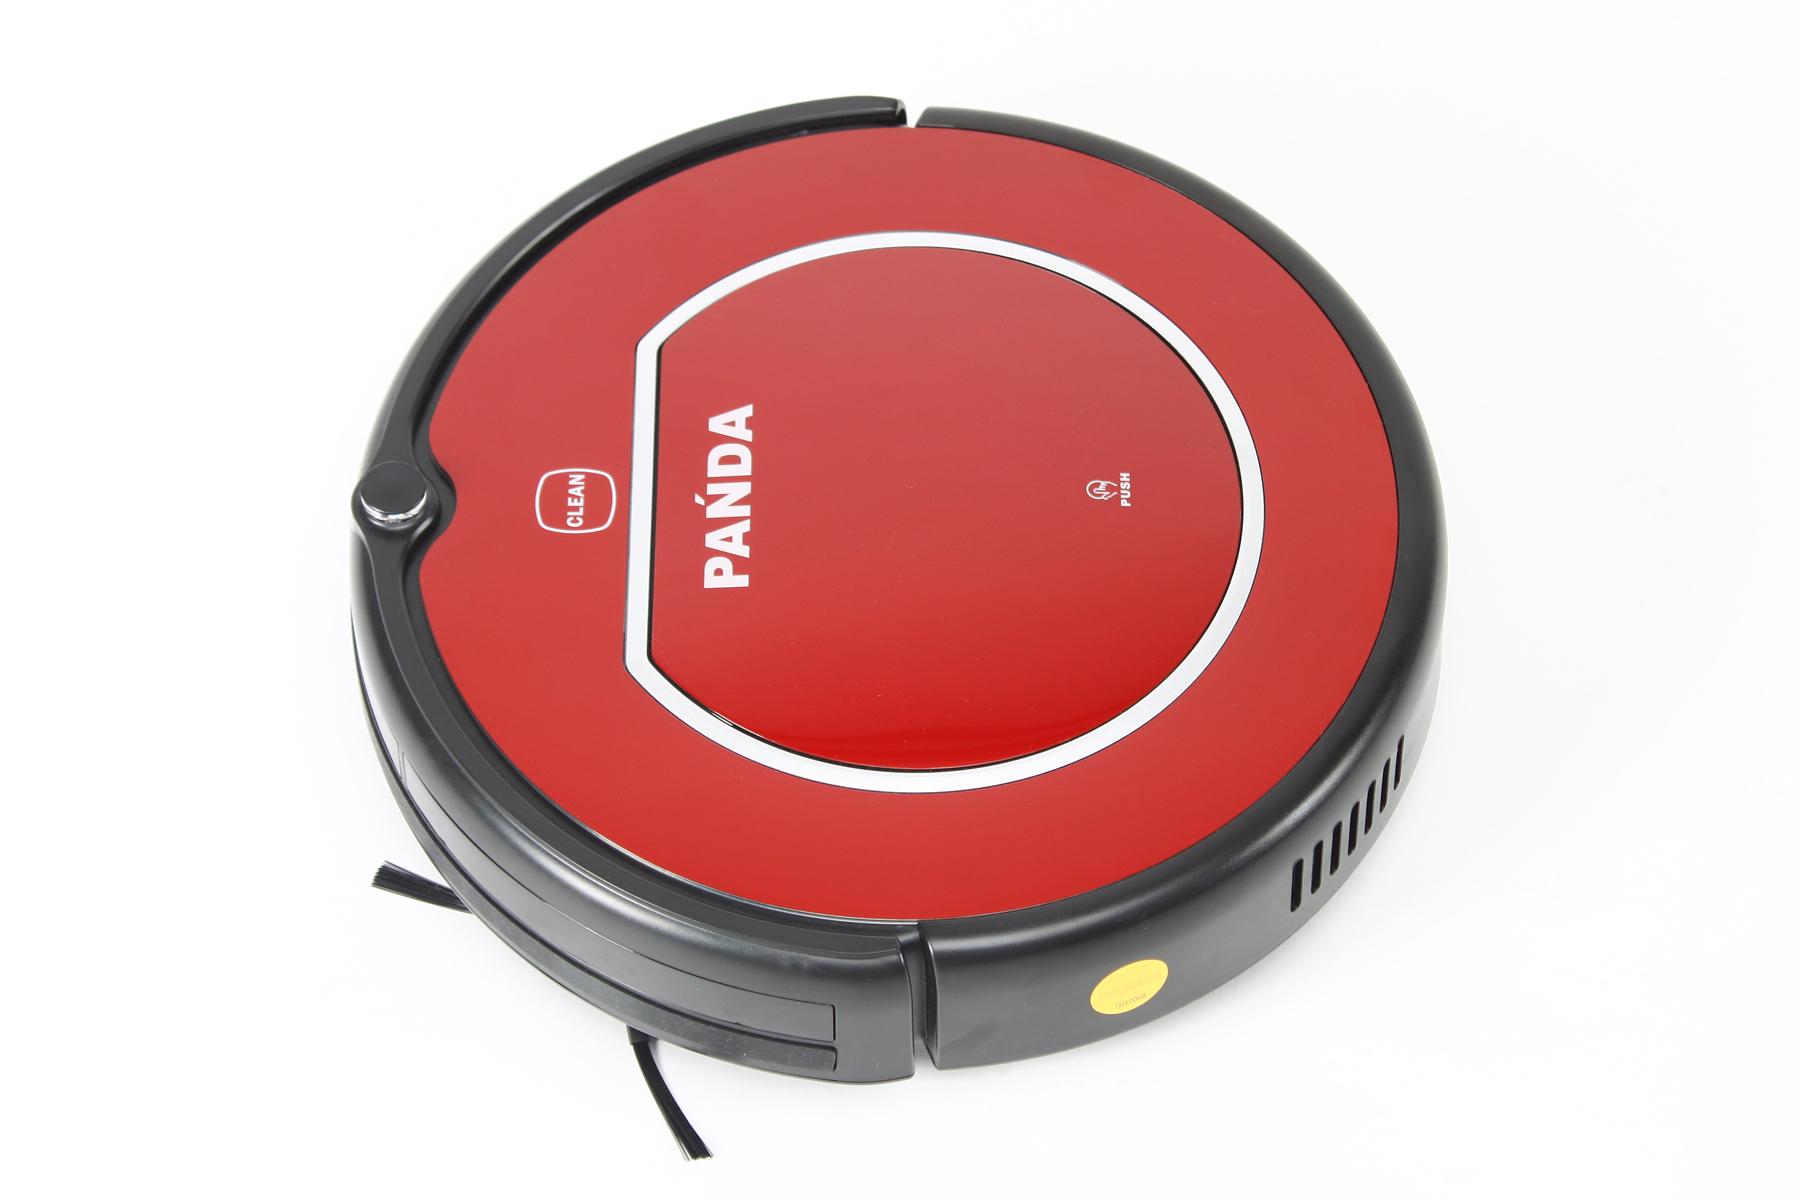 Робот пылесос Panda X500 (красн.)Panda<br>Пылесос робот Panda X500 — одна из самых популярных моделей на рынке.Это очень функциональная модель, идеально подходящая владельцам домашних животных. Благодаря технологии Vacuum Pet — собственной разработке компании — устройство применяет новый прин...<br>